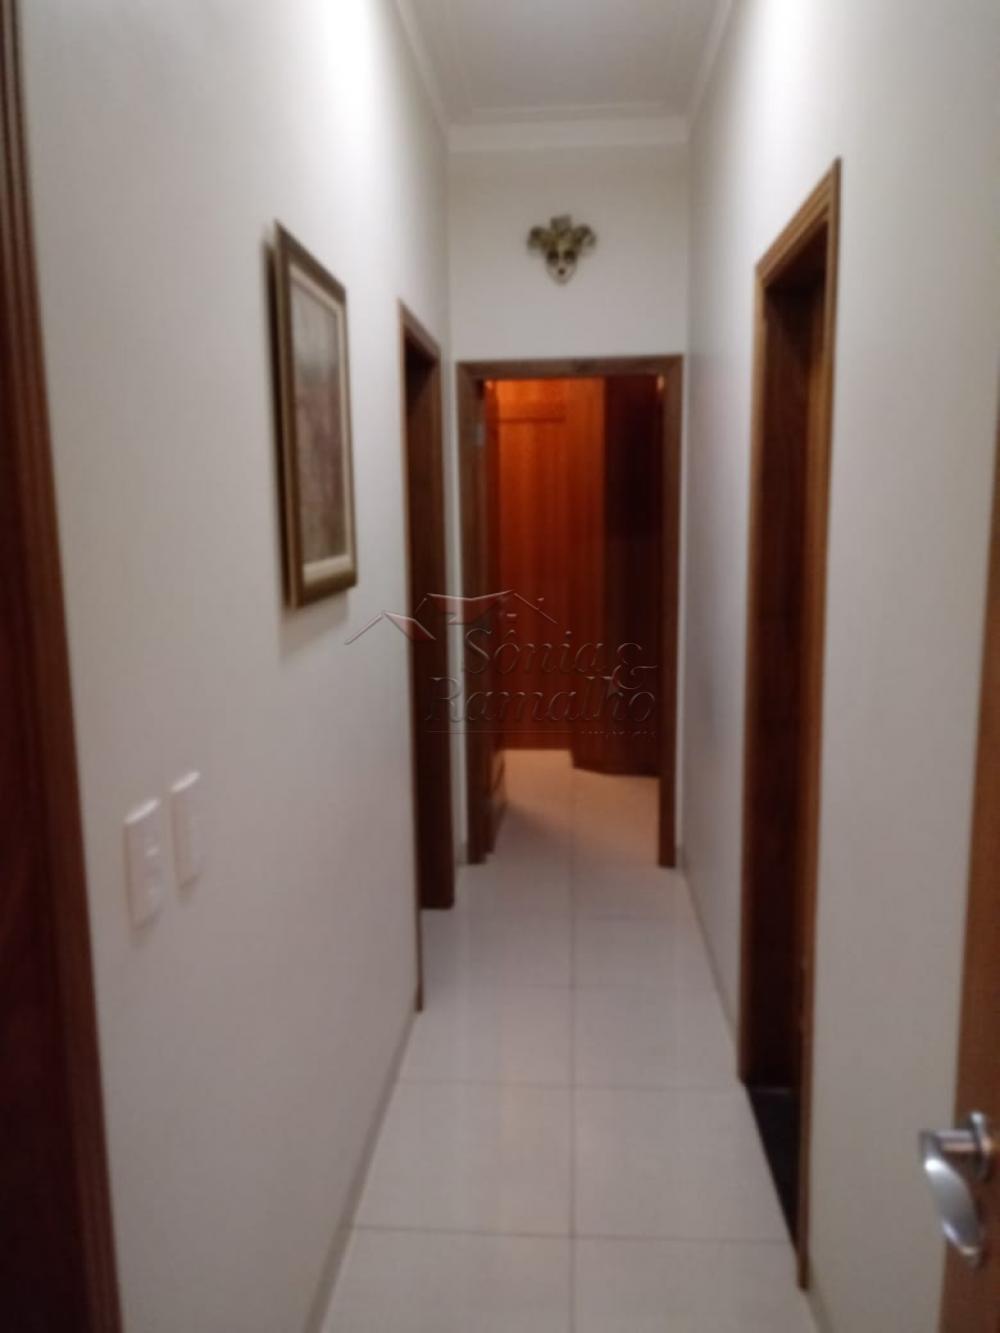 Comprar Casas / Padrão em Sertãozinho apenas R$ 535.000,00 - Foto 18